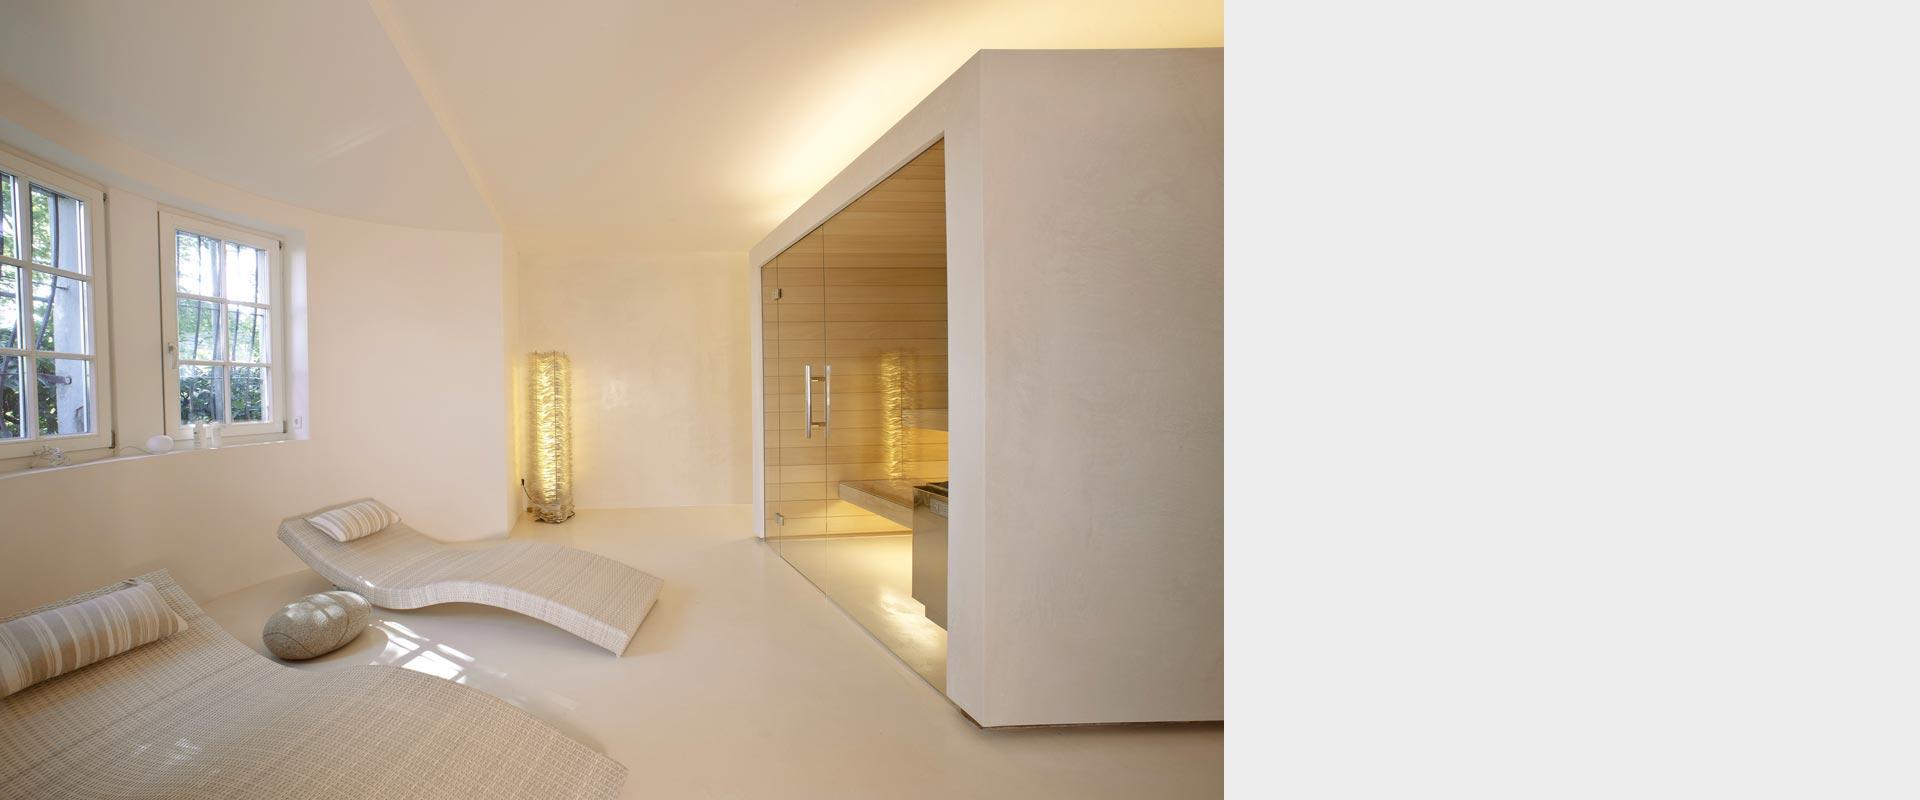 architekturbuero_henning_musahl_waldshut_sauna02